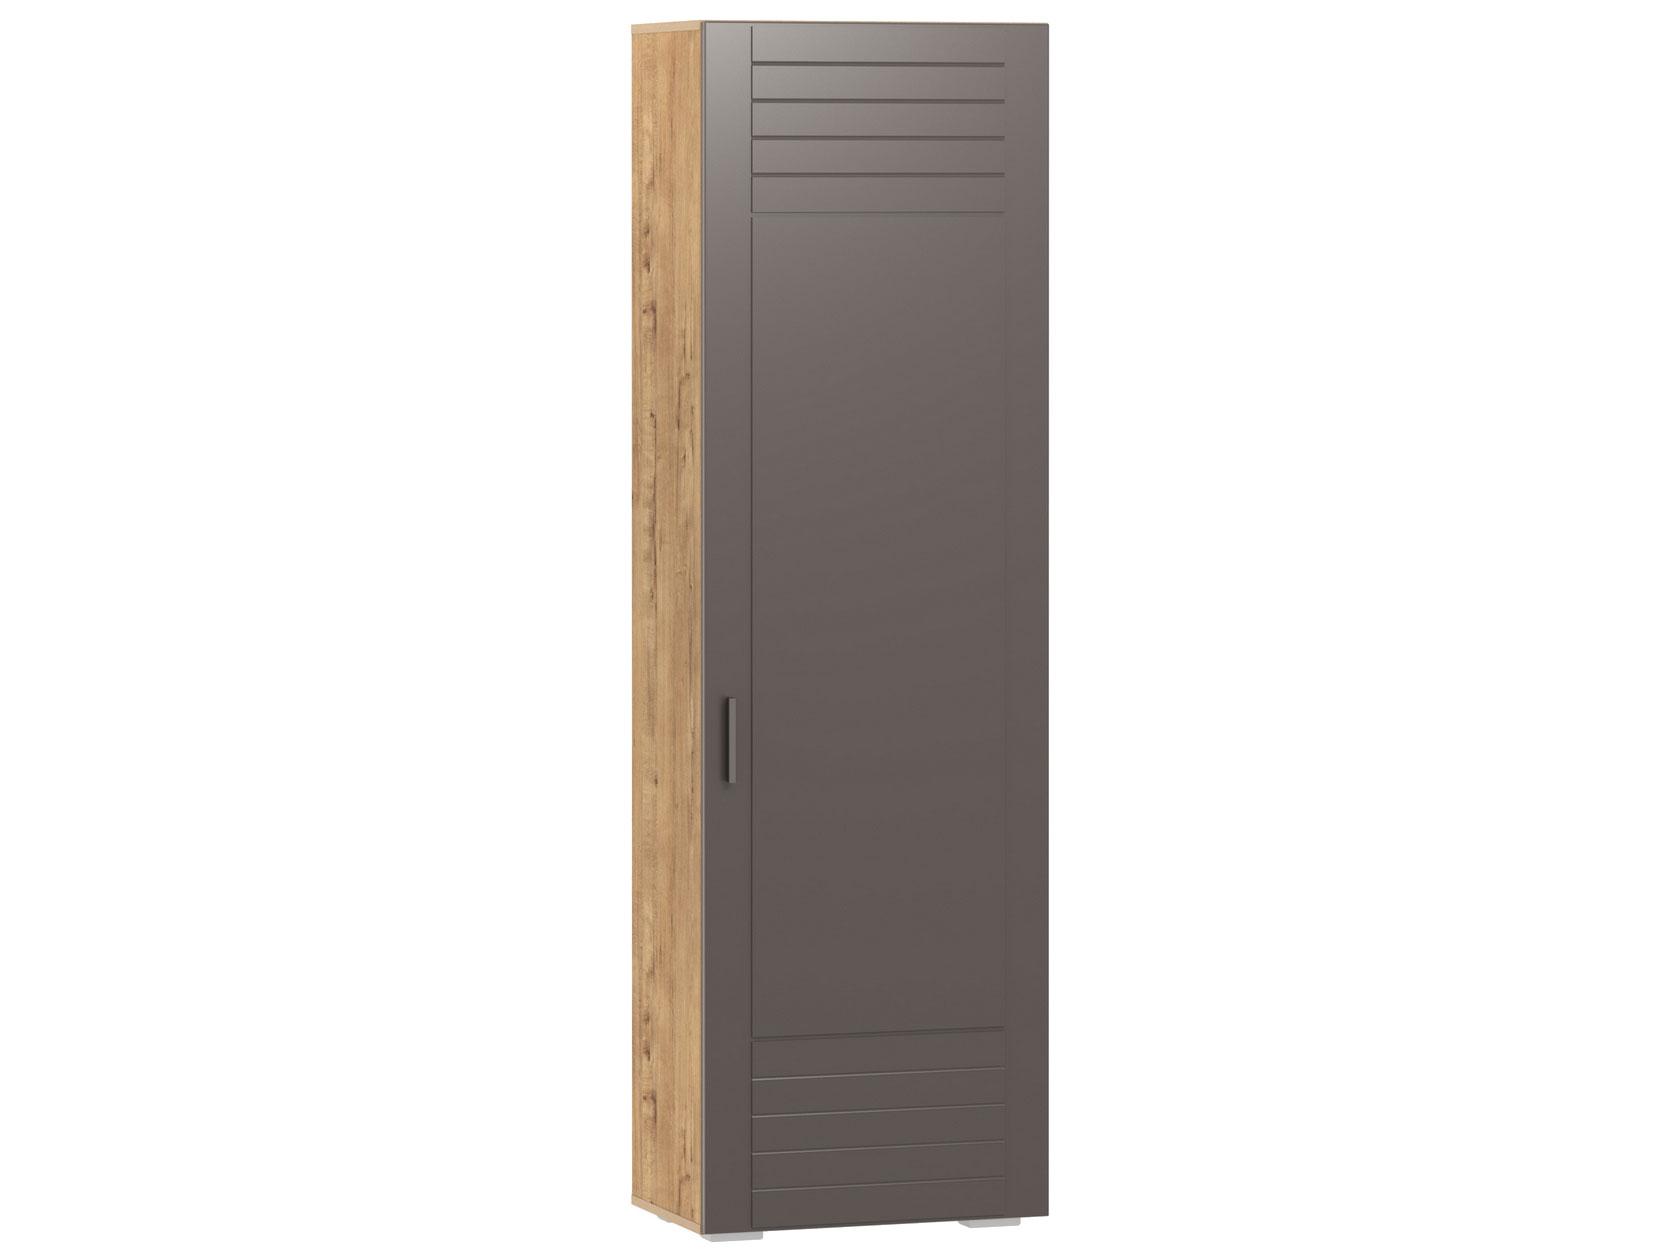 Распашной шкаф 108-113252